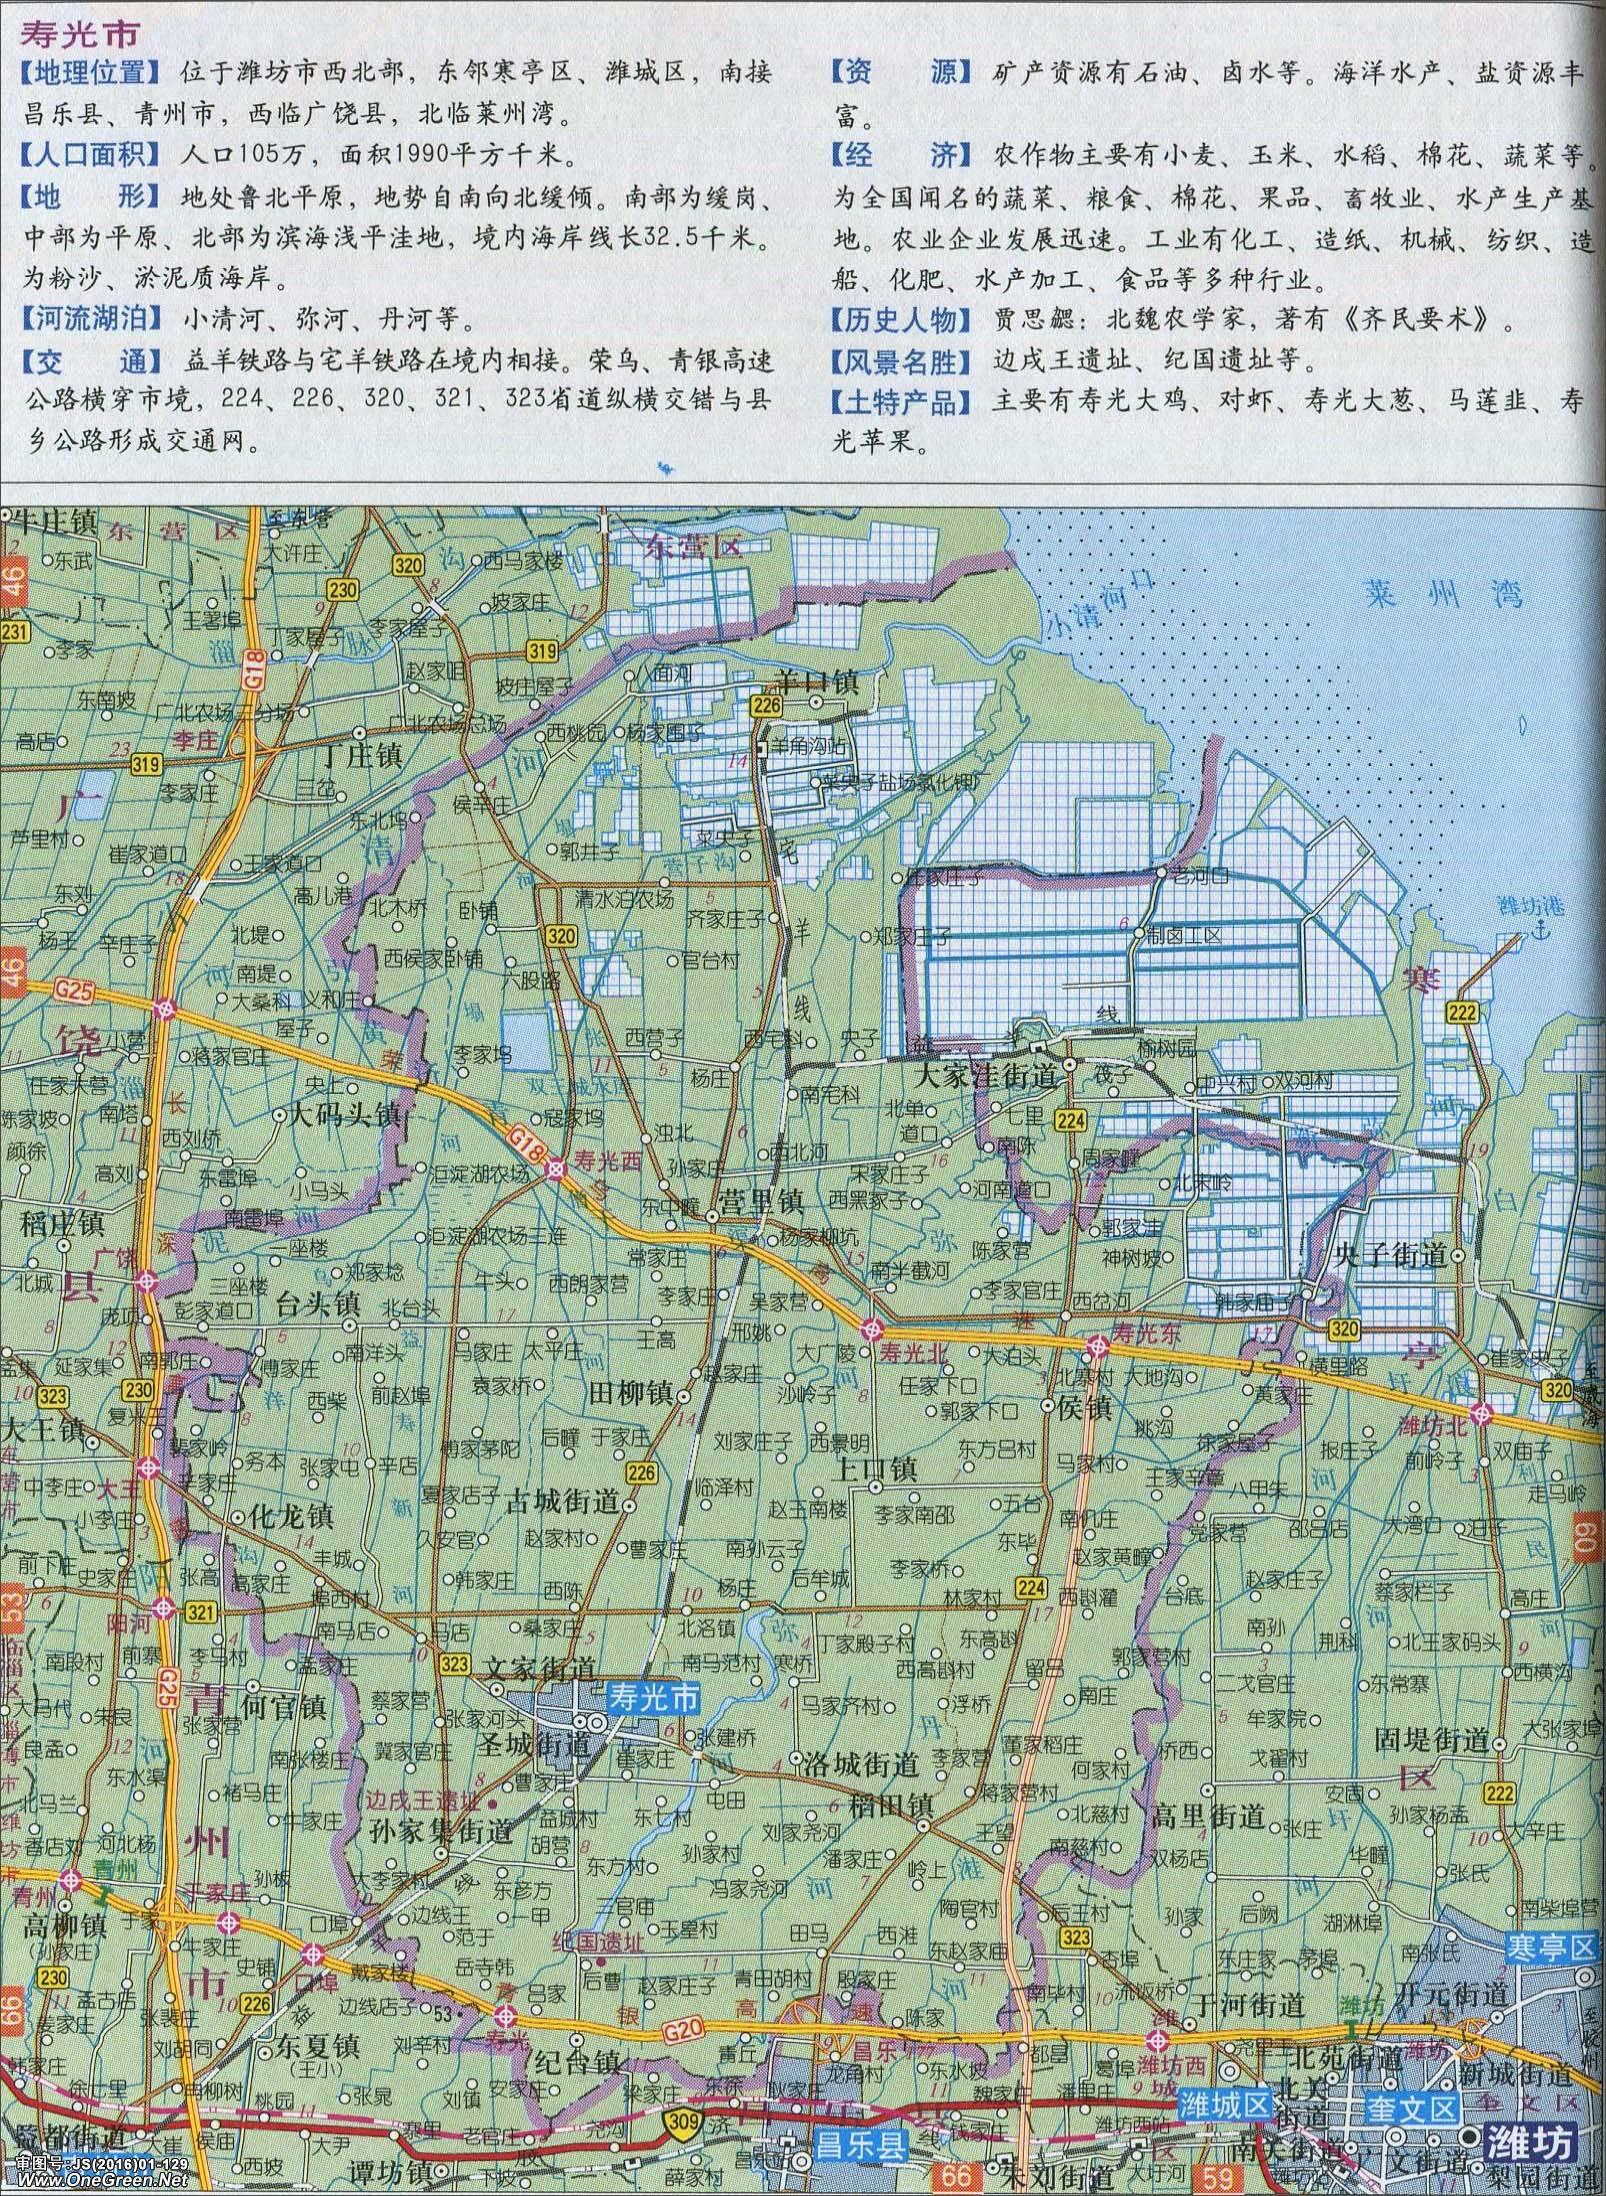 淄博张店地图高清版